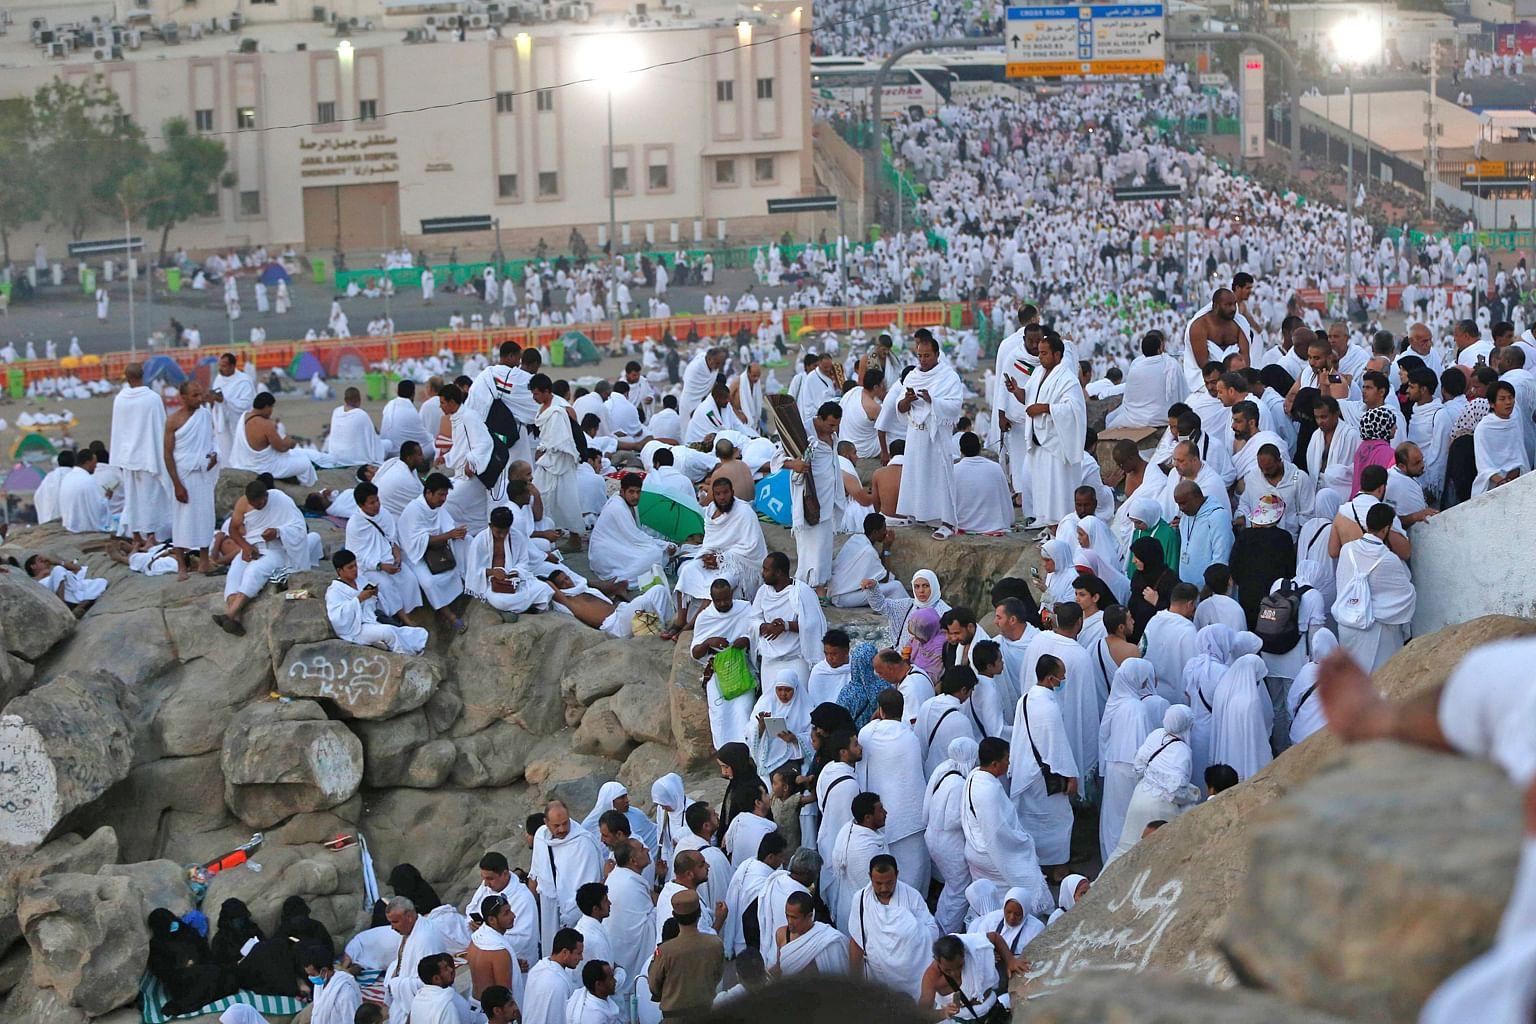 Perhimpunan terbesar manusia wukuf di Arafah